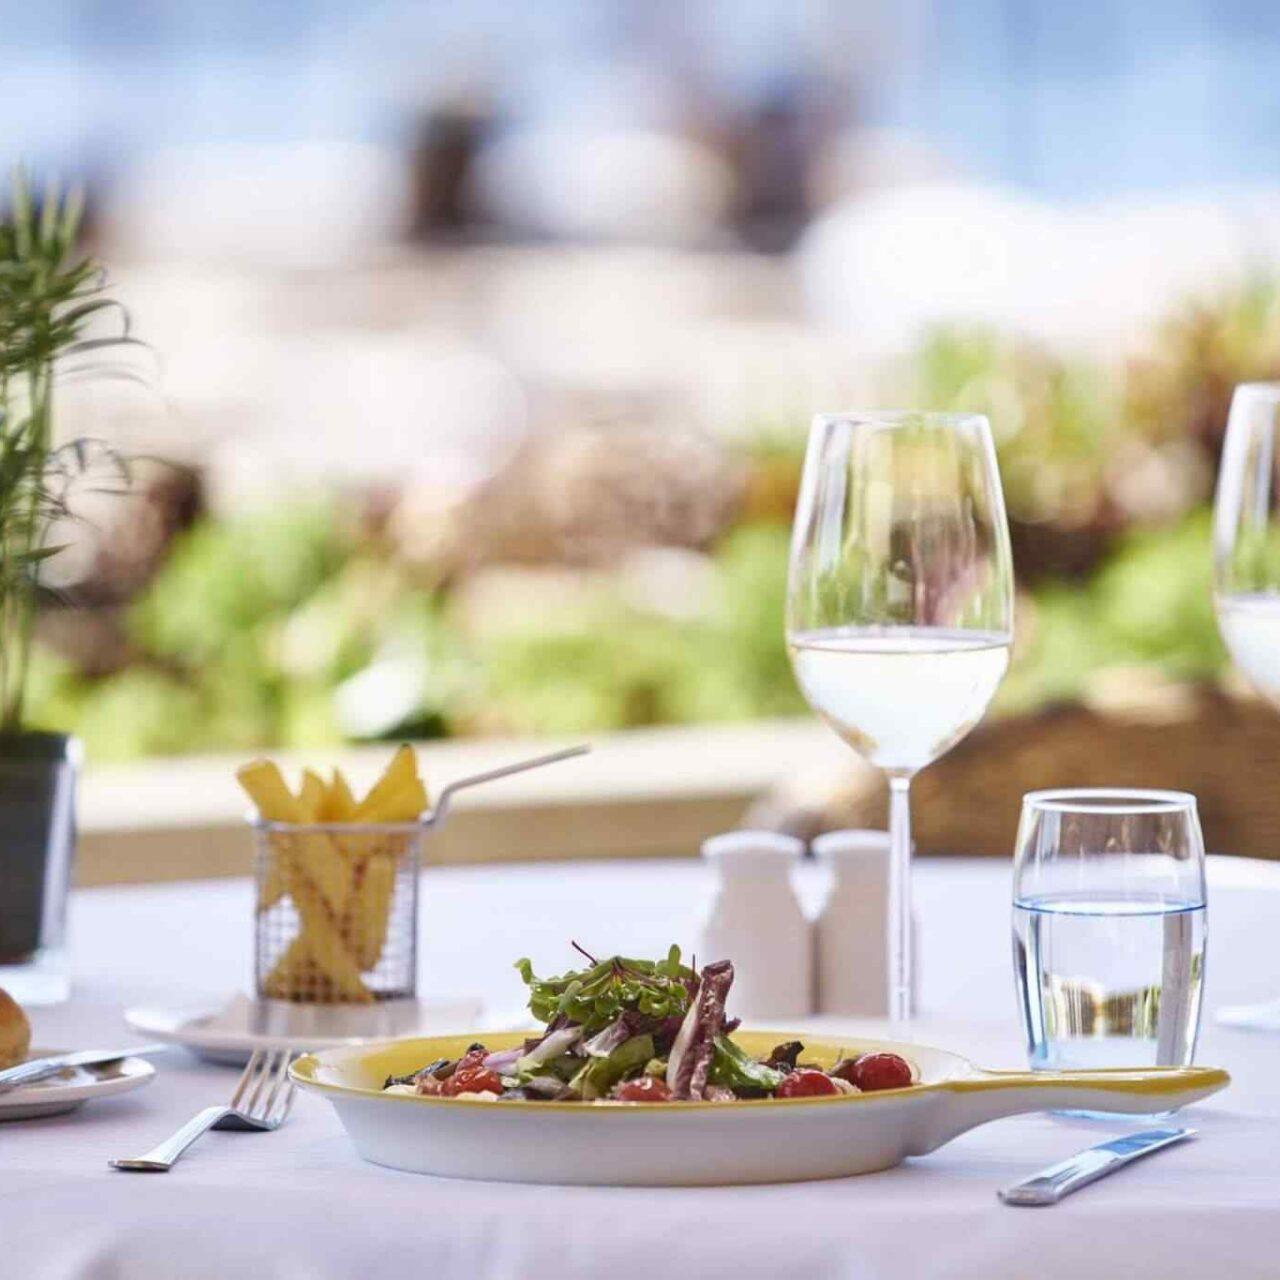 https://trustmark.org/wp-content/uploads/2017/08/restaurant-01-6-1280x1280.jpg